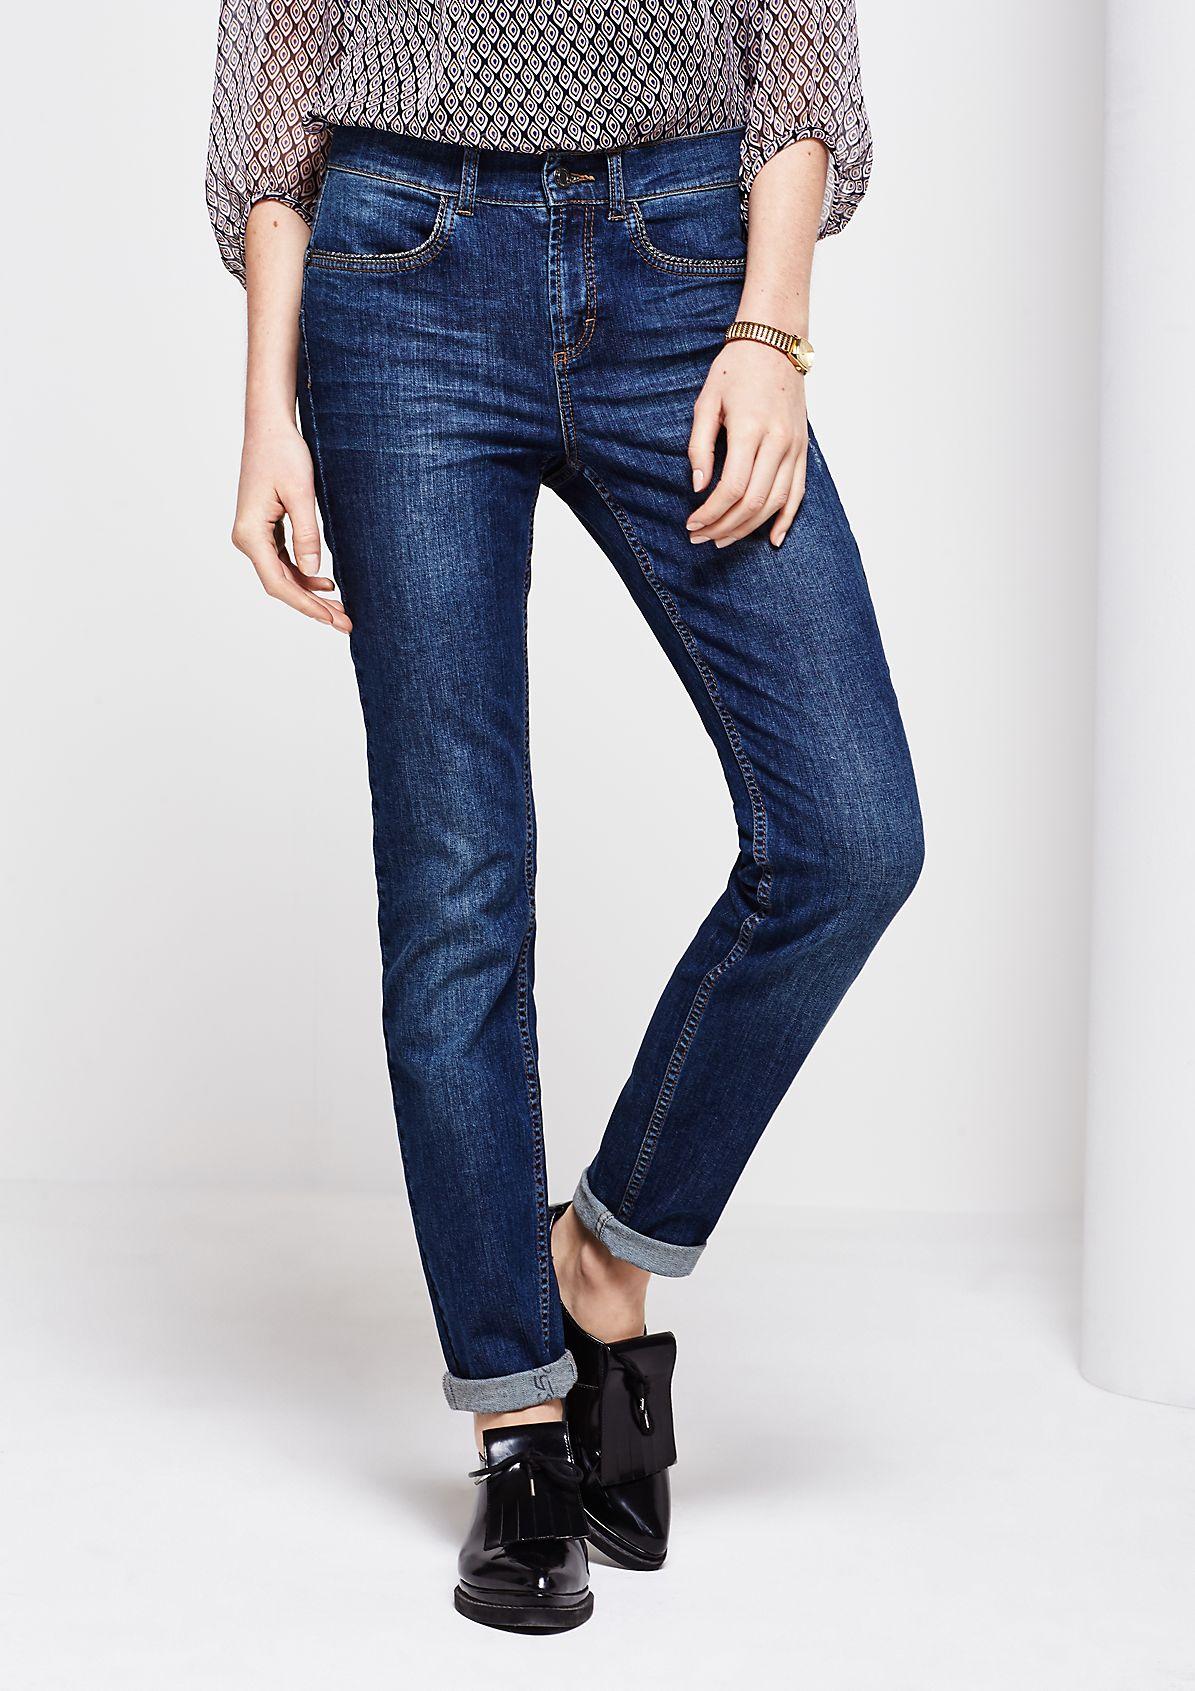 Klassische Jeans mit schöner Used-Waschung